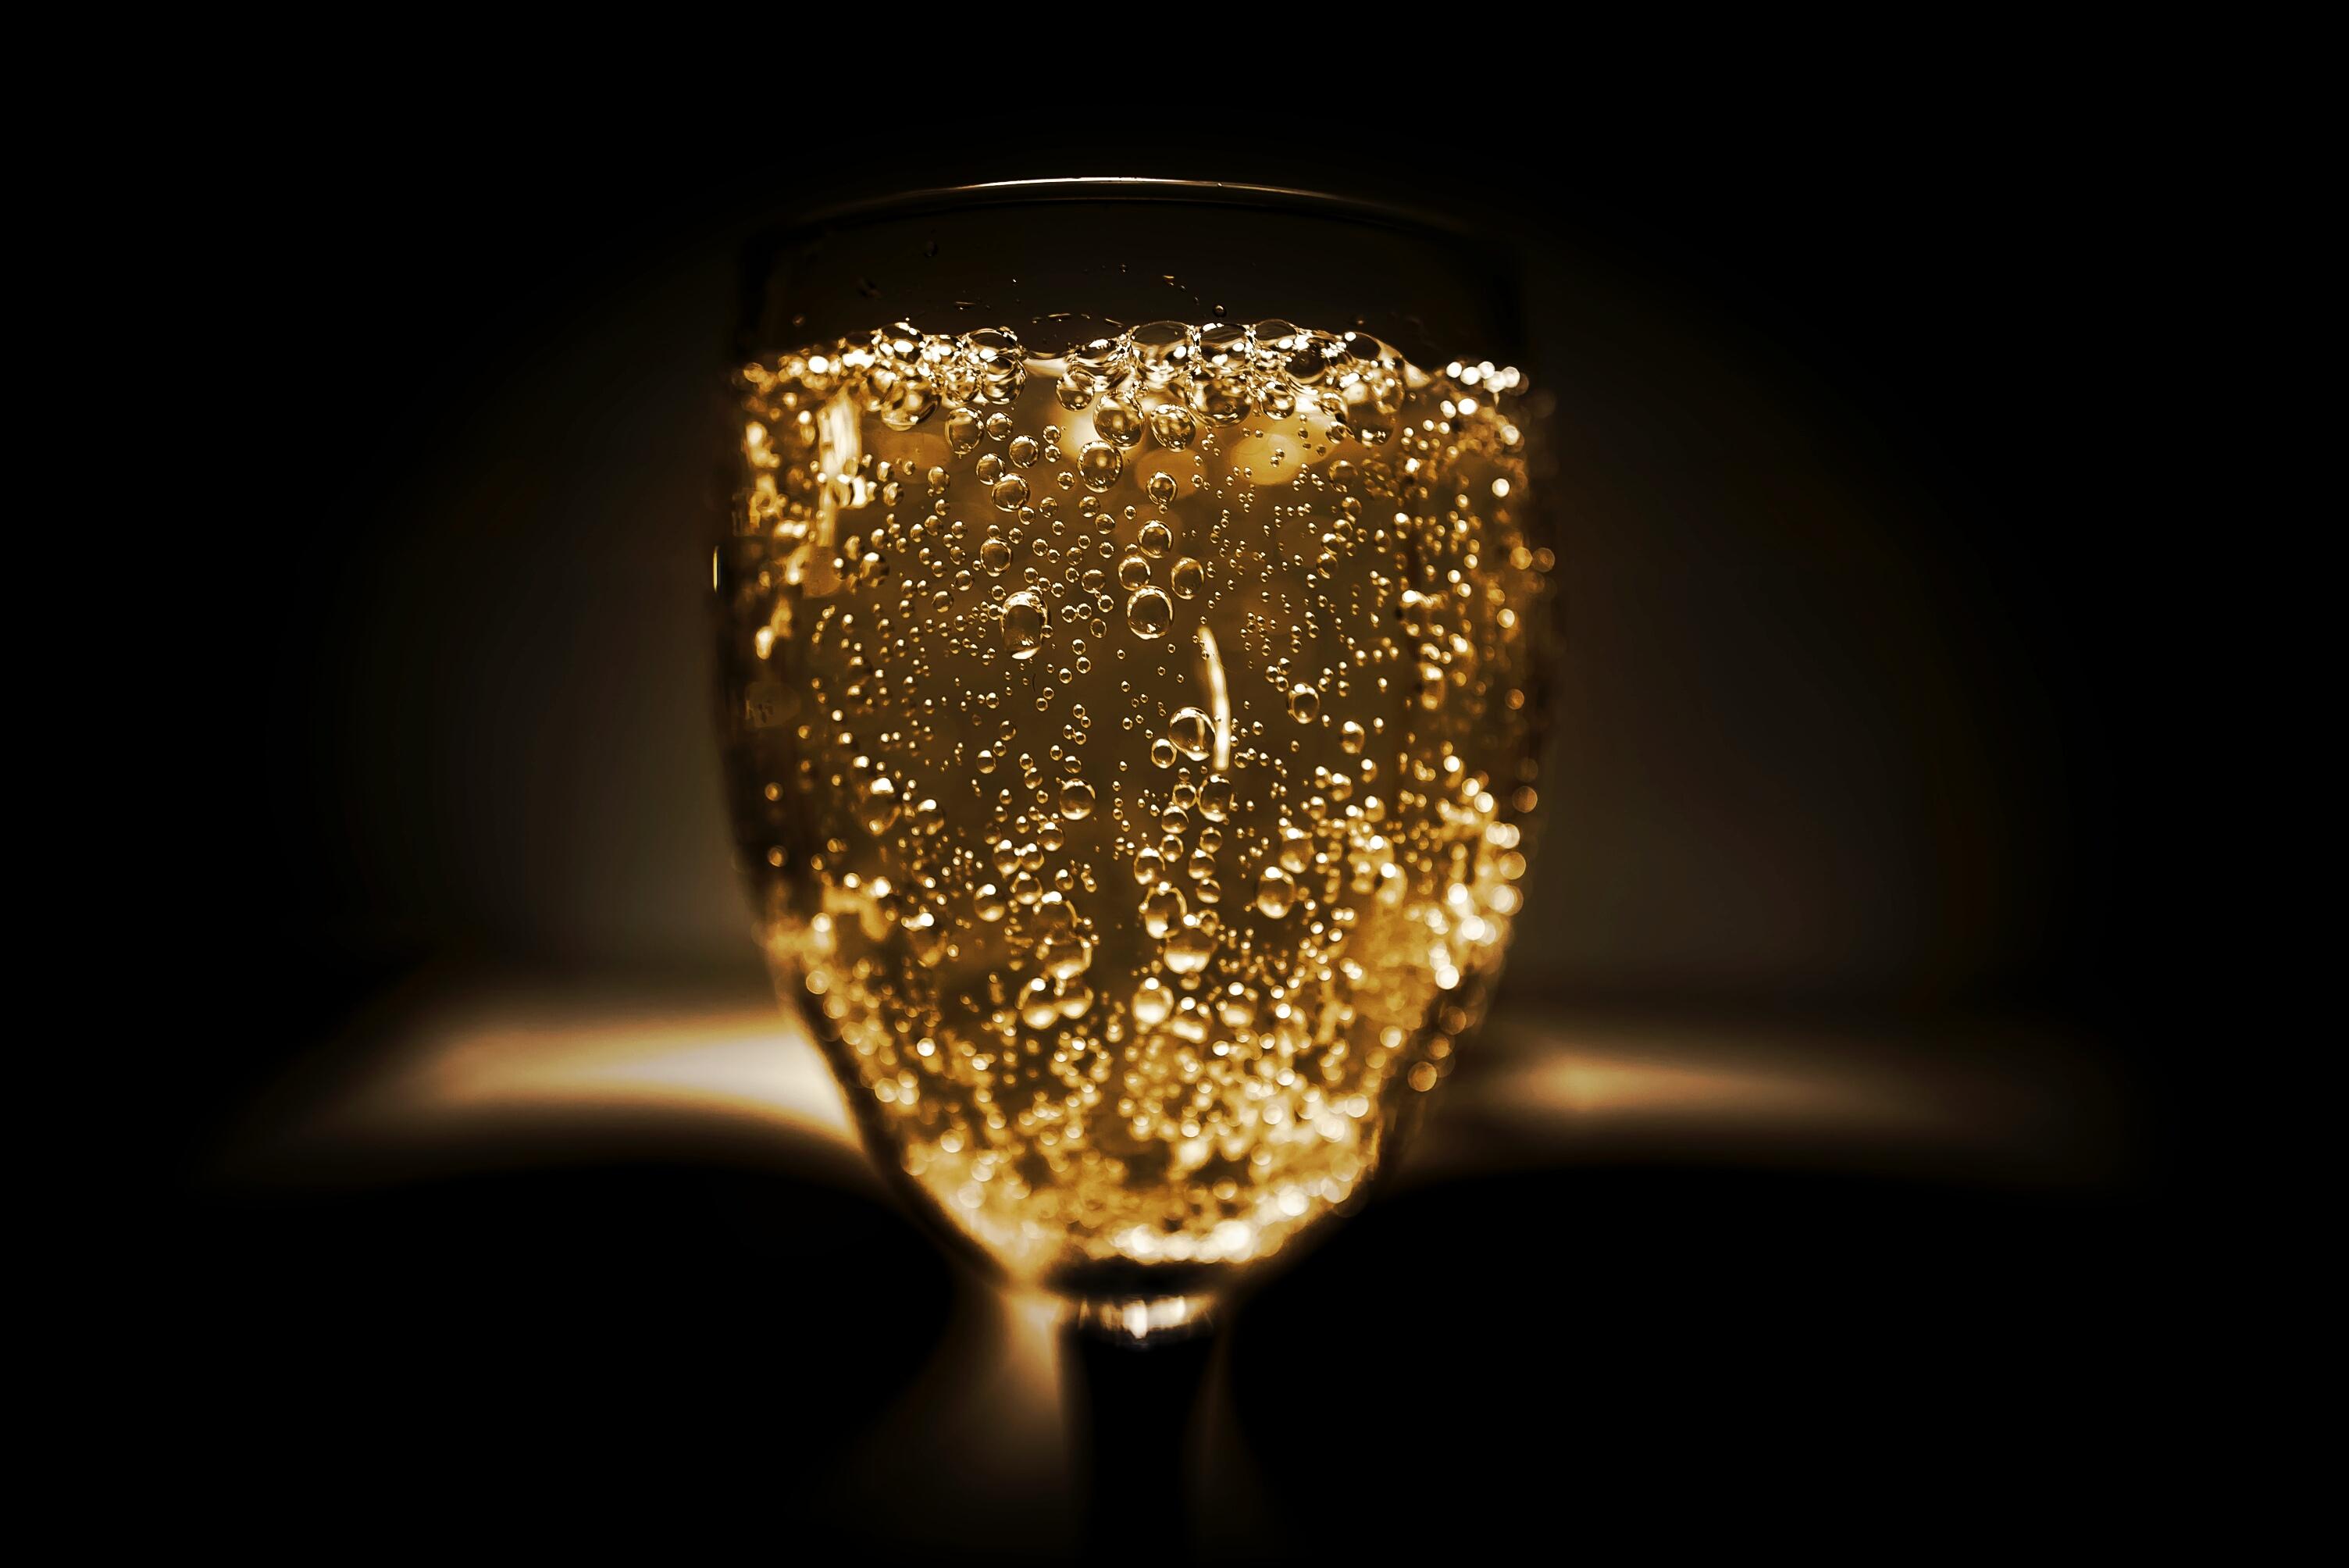 Bubble Wine